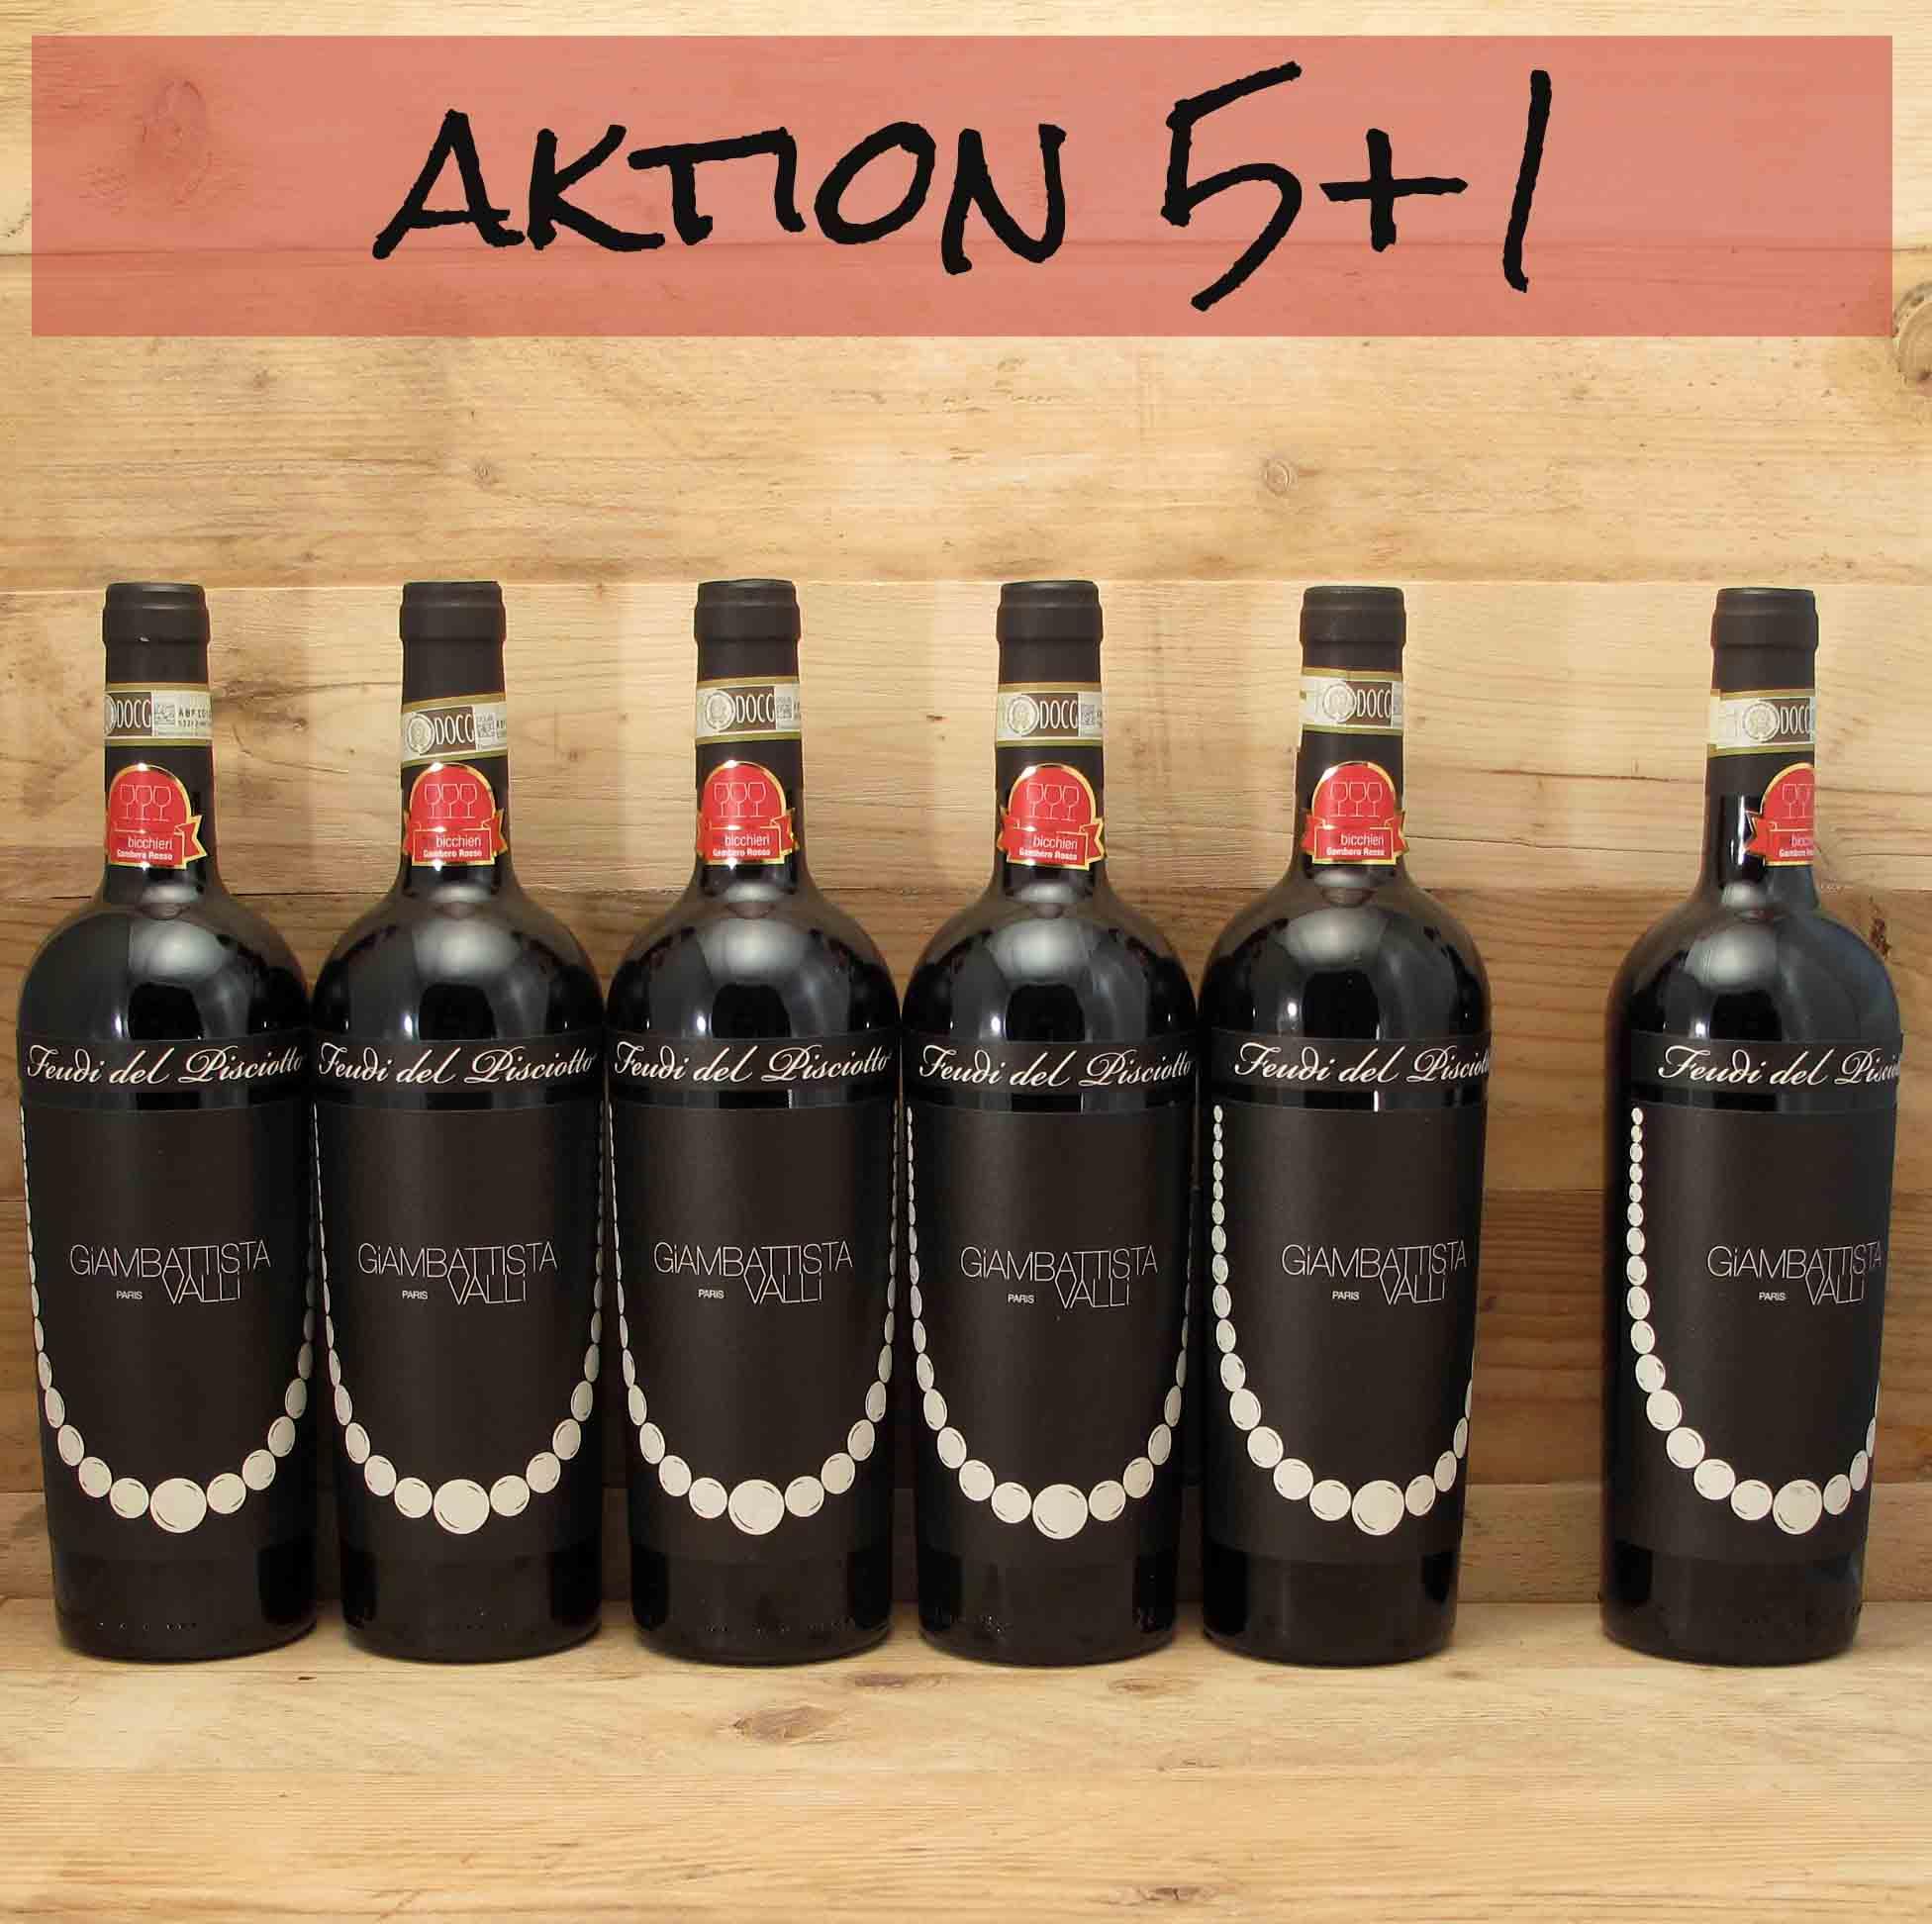 Aktion-5-1-Kopie